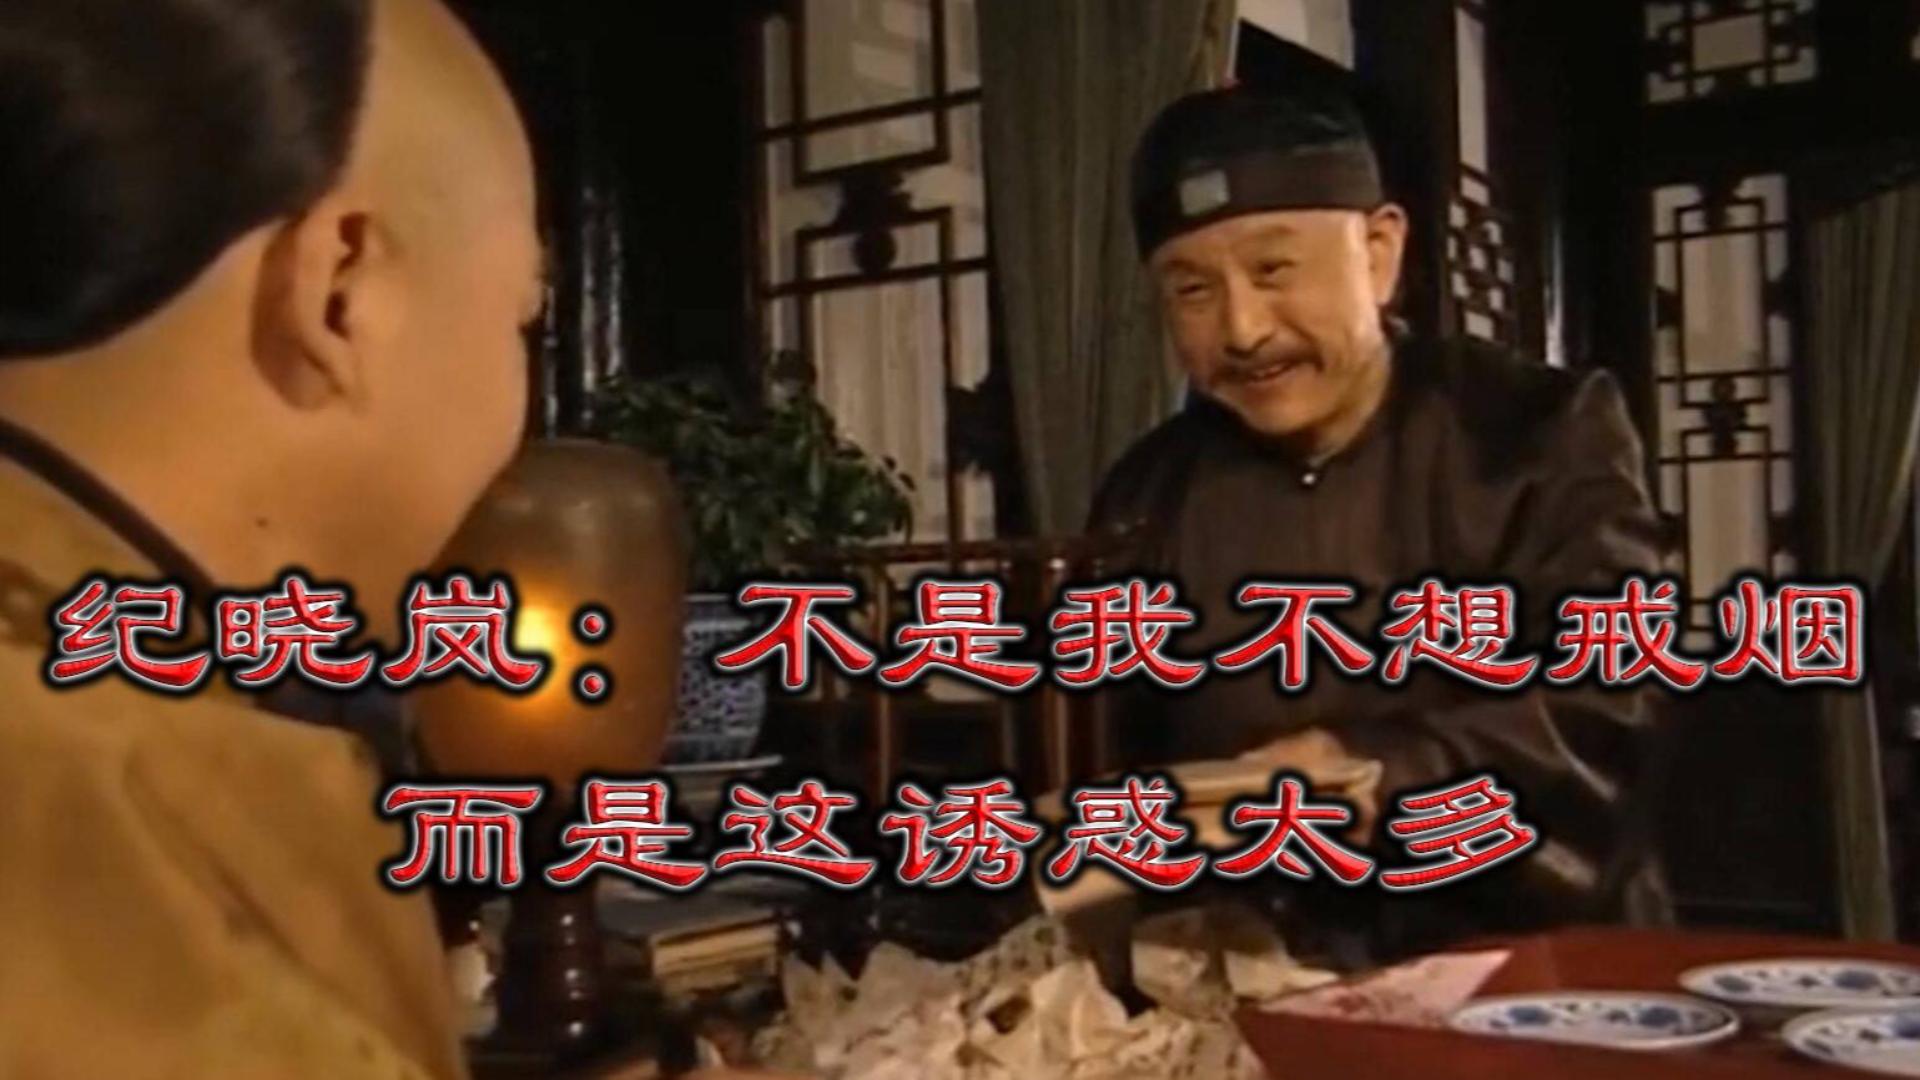 纪晓岚:不是我不想戒烟,而是这诱惑太多